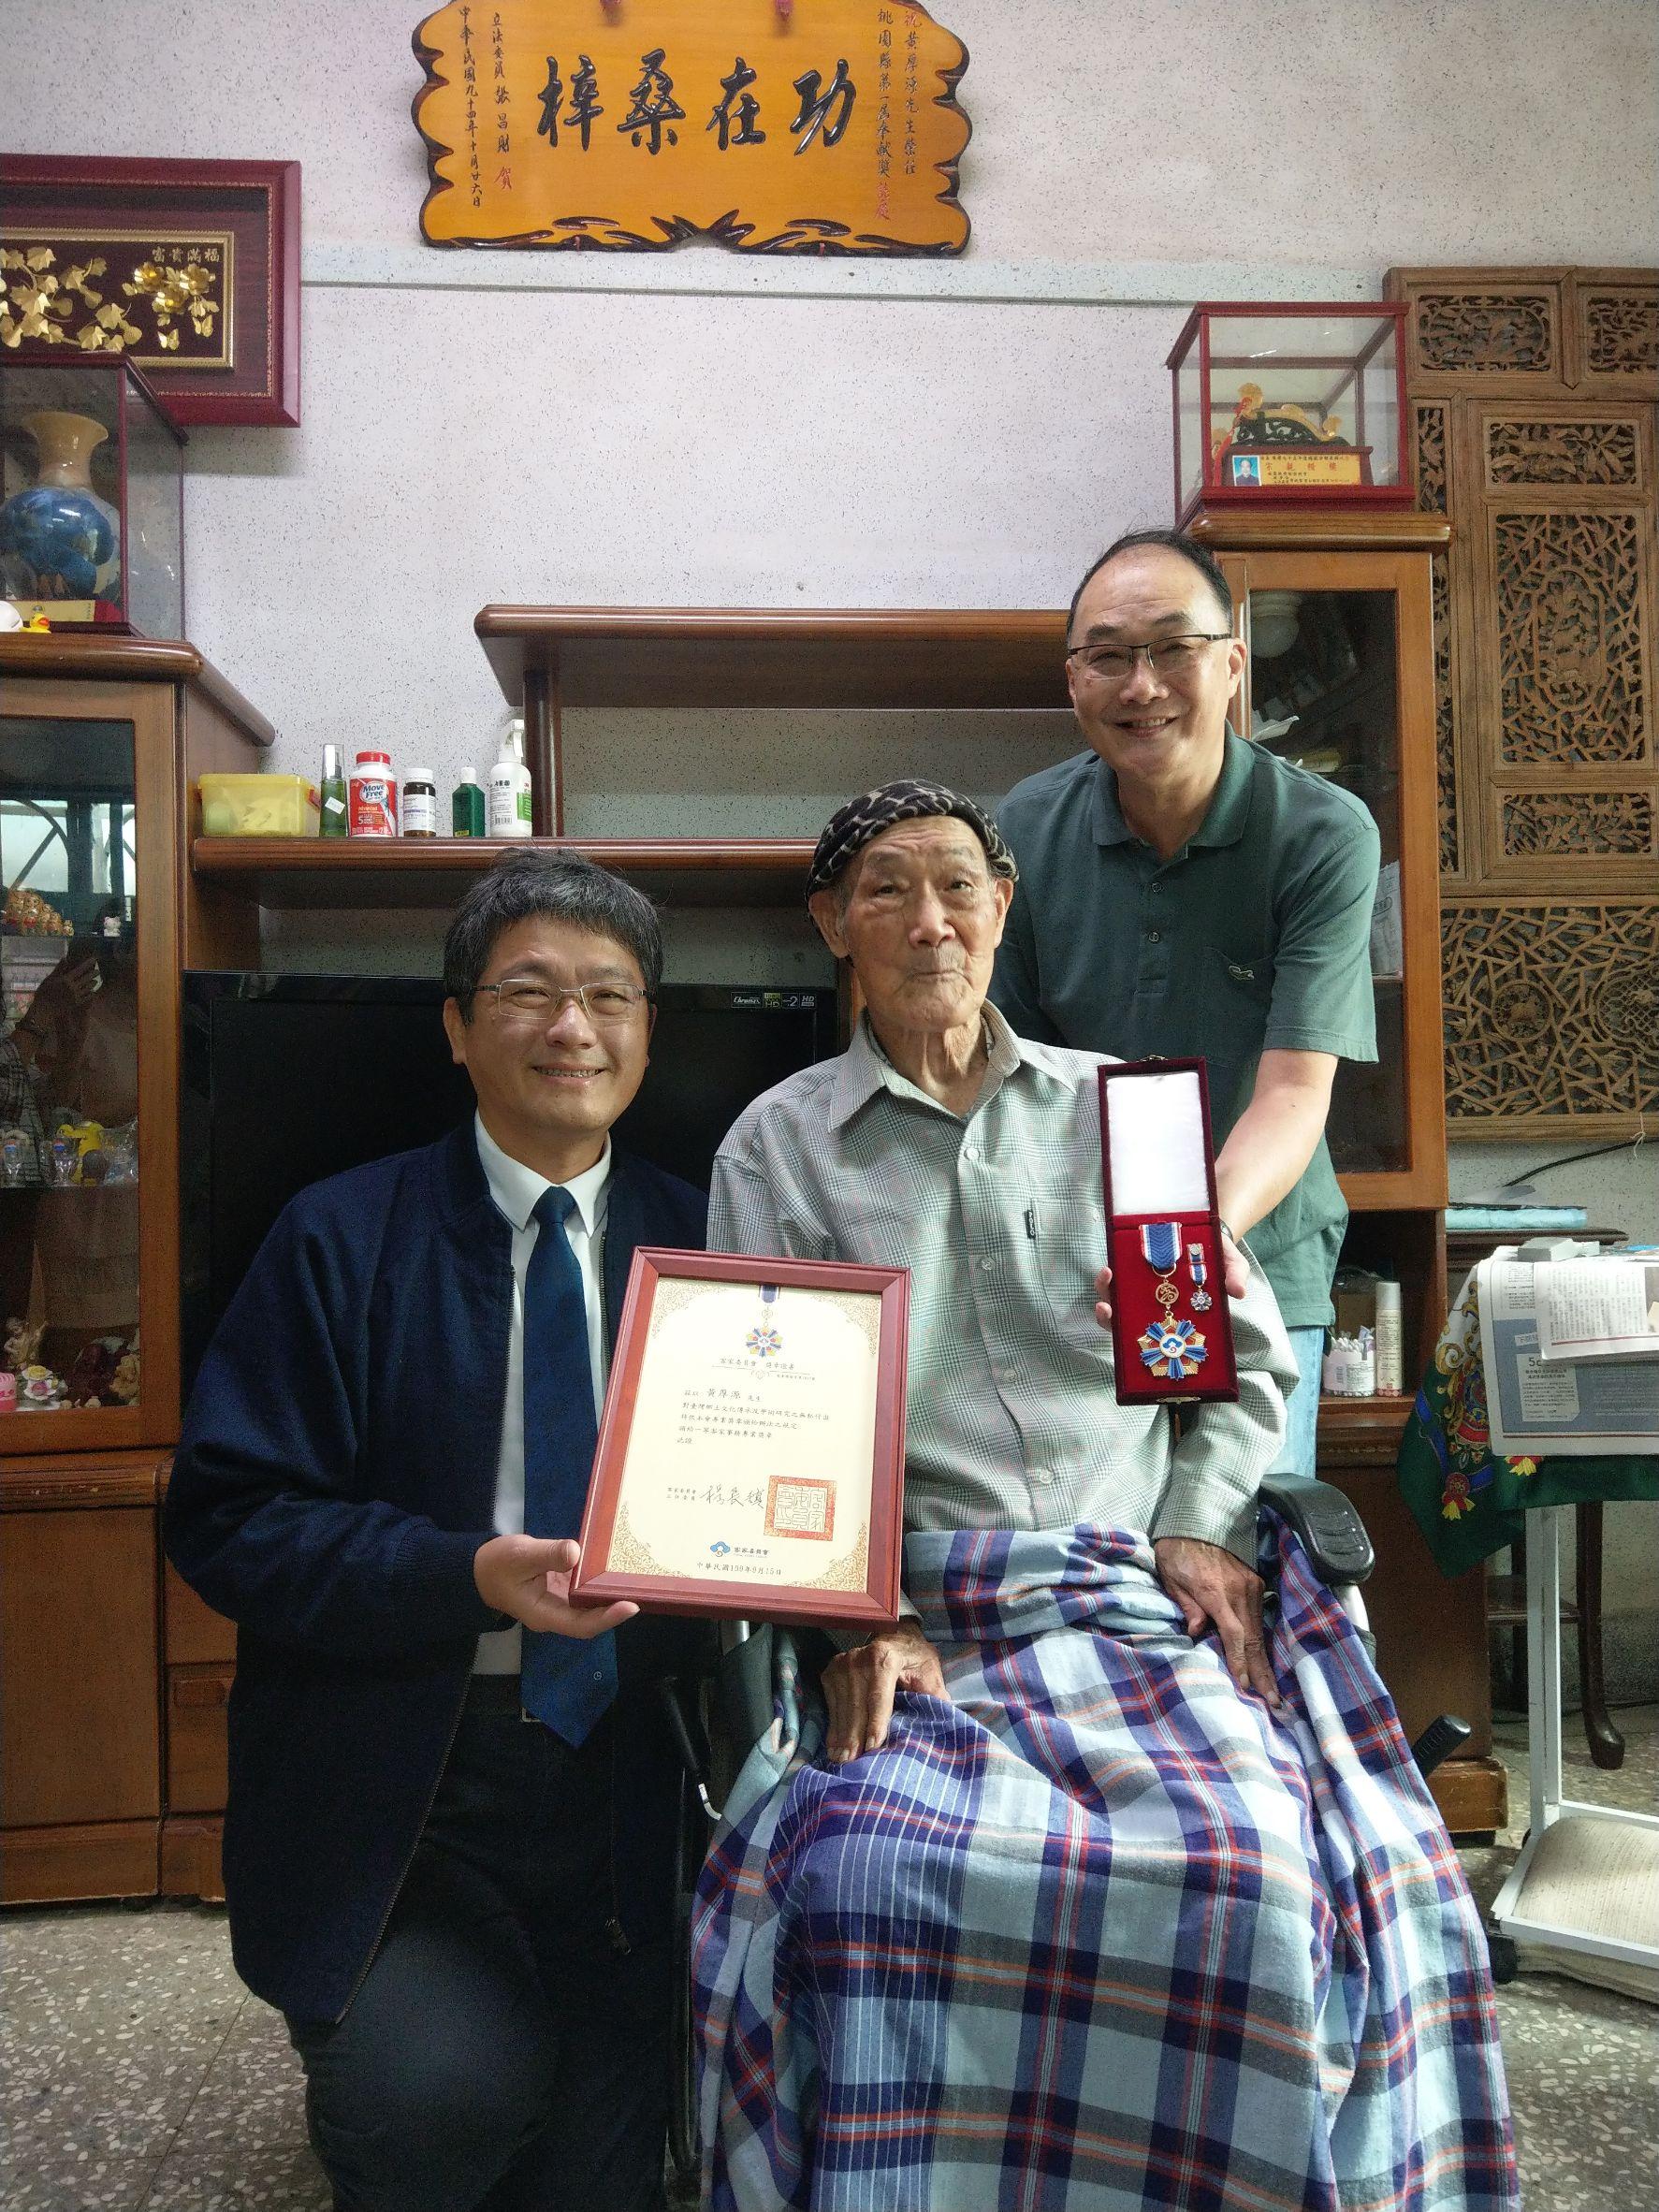 不求聞達「鄉土博士」黃厚源  楊長鎮頒發一等客家事務專業獎章